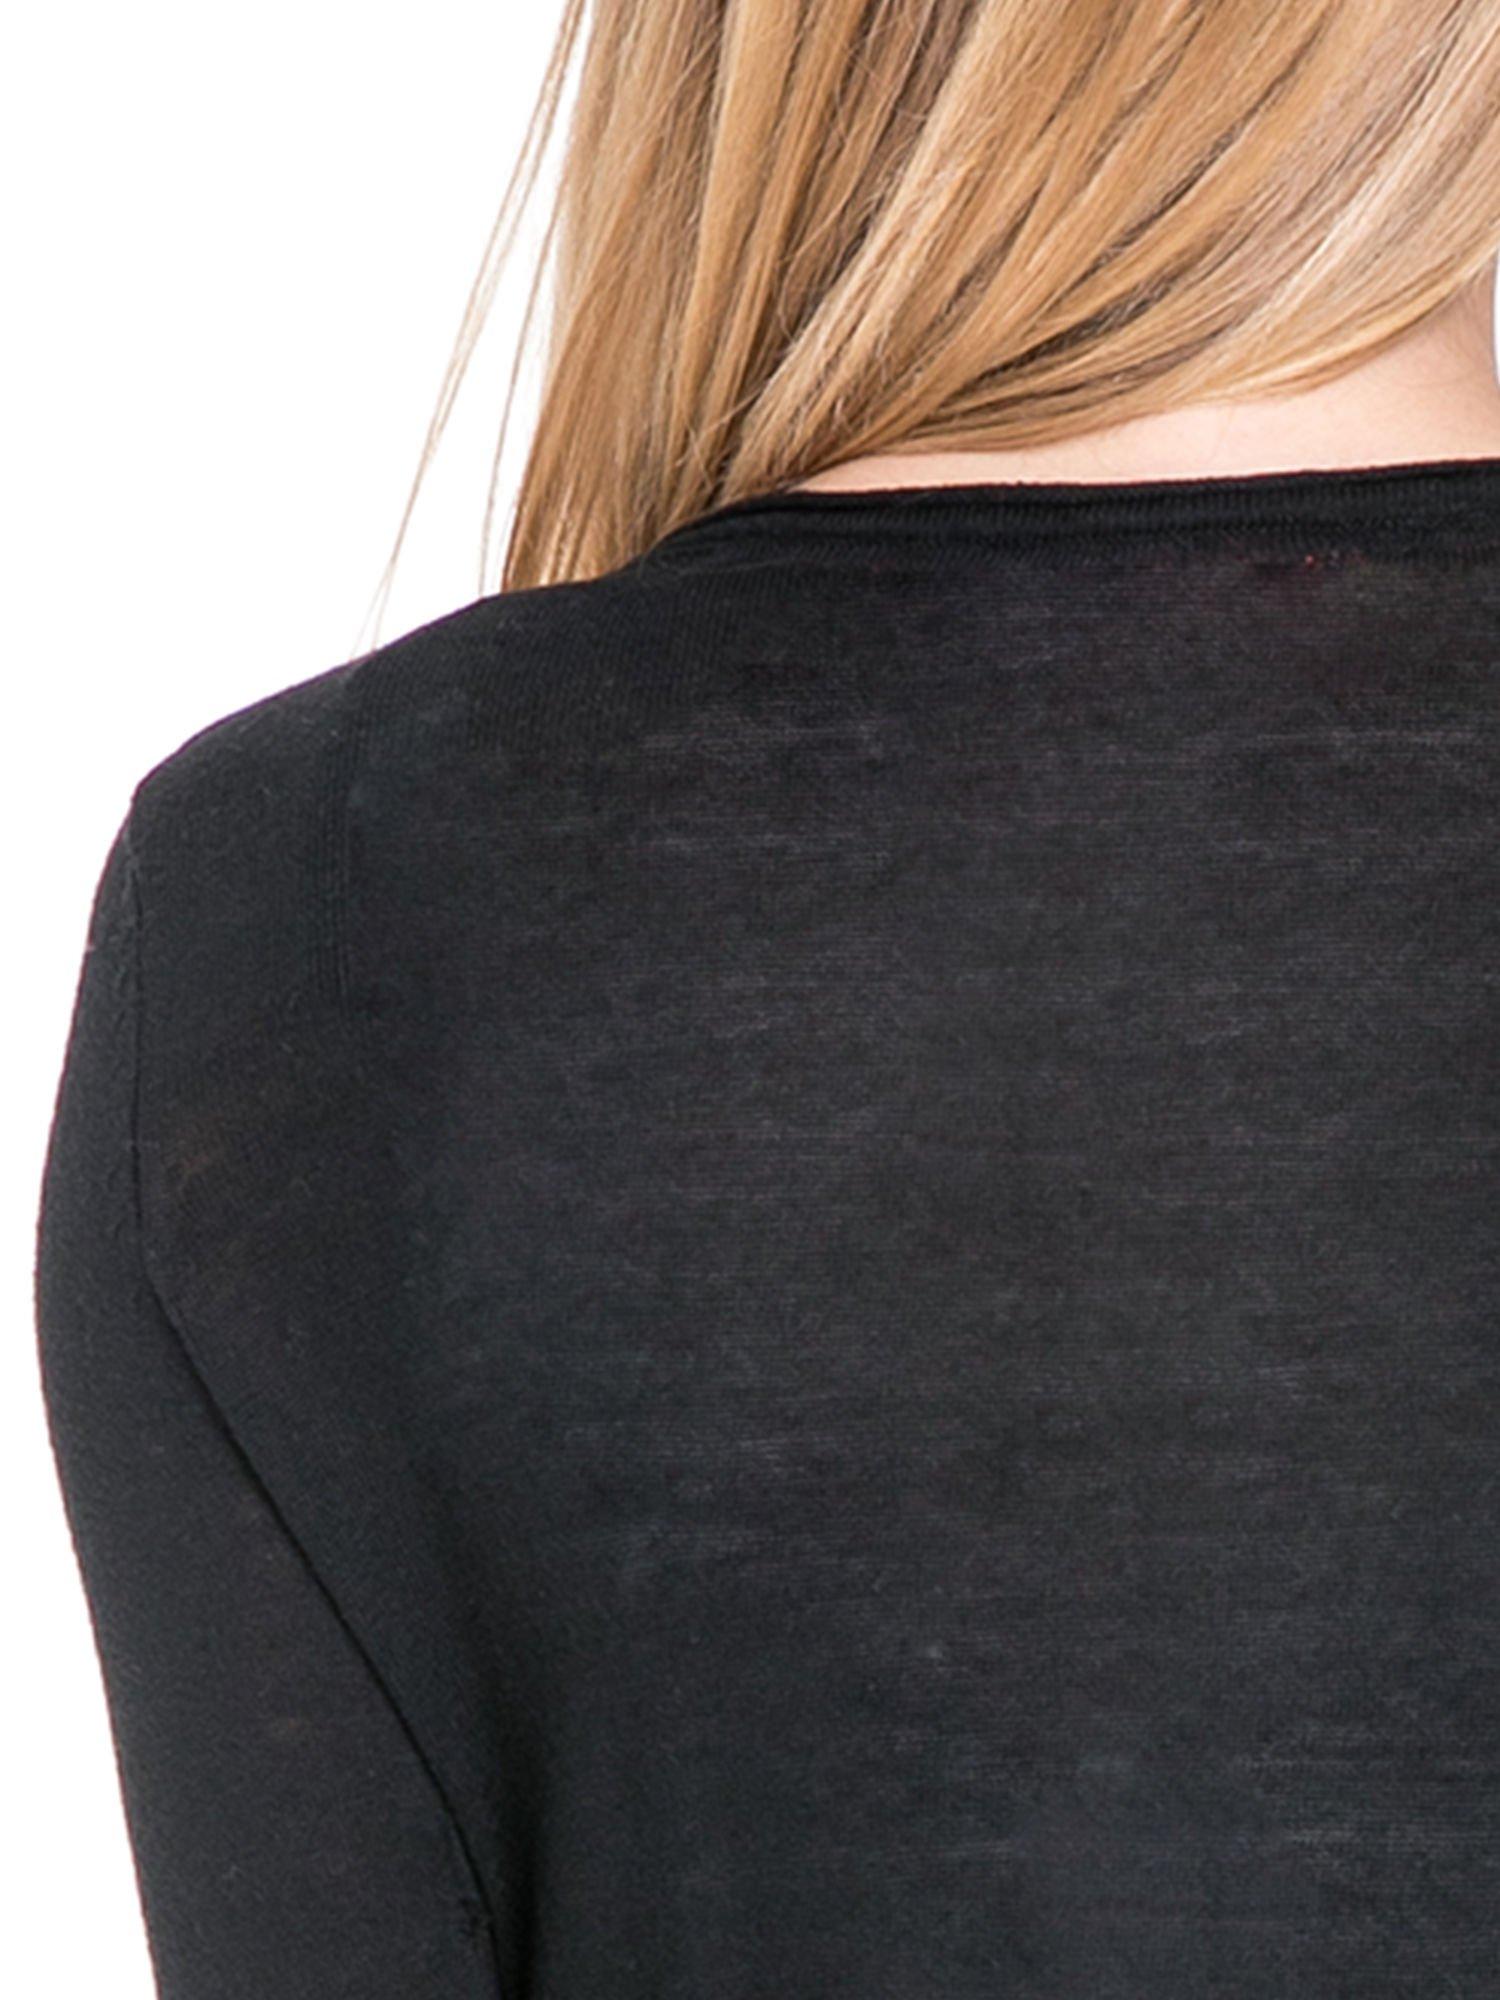 Czarny sweterek kardigan o kaskadowym fasonie                                  zdj.                                  7